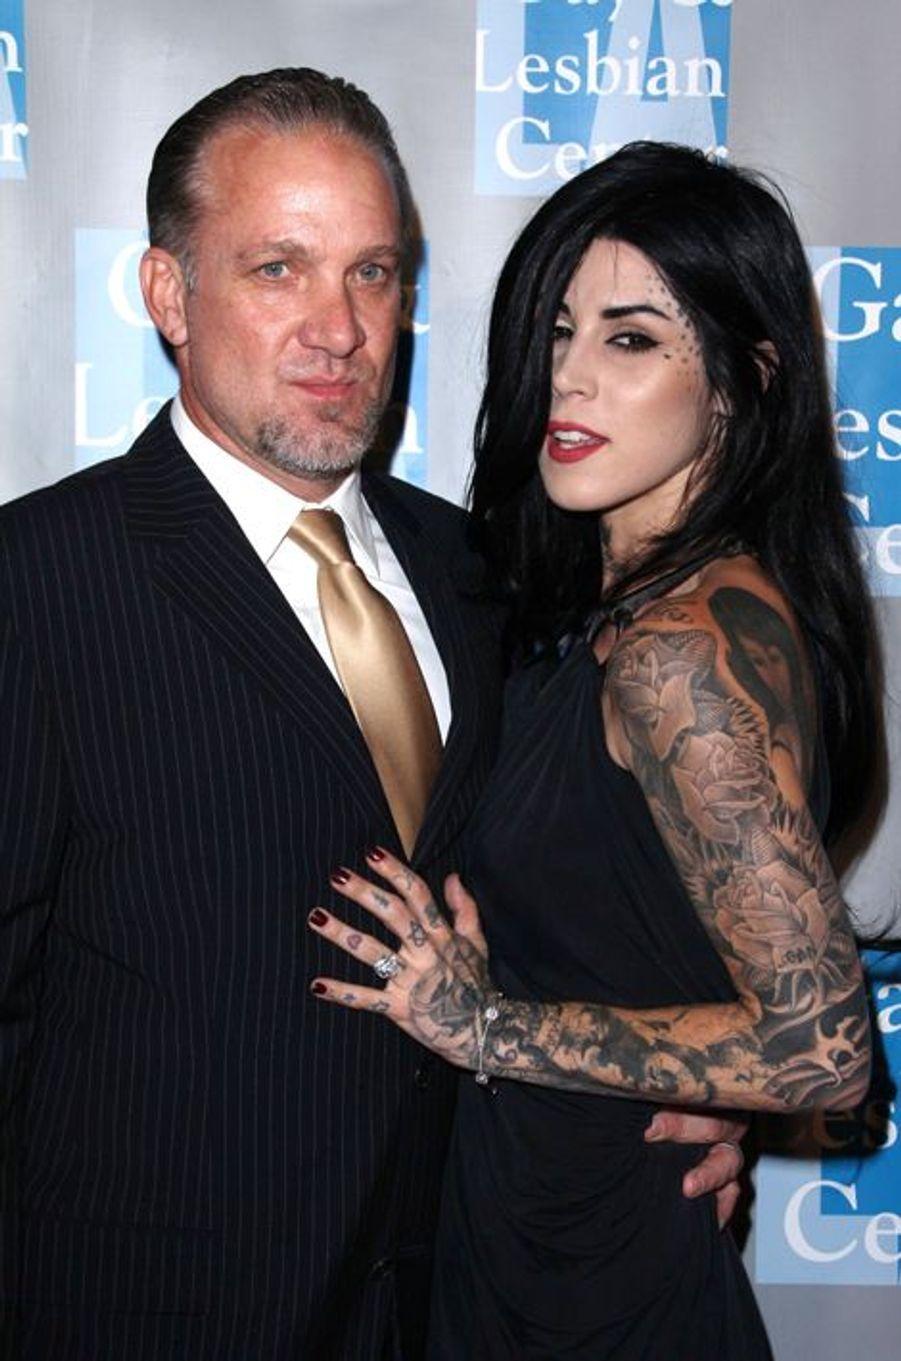 Tristement célèbre pour avoir trompé son ex-épouse, une certaine Sandra Bullock, avec une strip-teaseuse en mars 2010, Jesse G. James avait retrouvé l'amour quelques semaines plus tard dans les bras de la tatoueuse Kat Von D. Fiancé en janvier 2011, le binôme avait rompu en septembre de la même année.